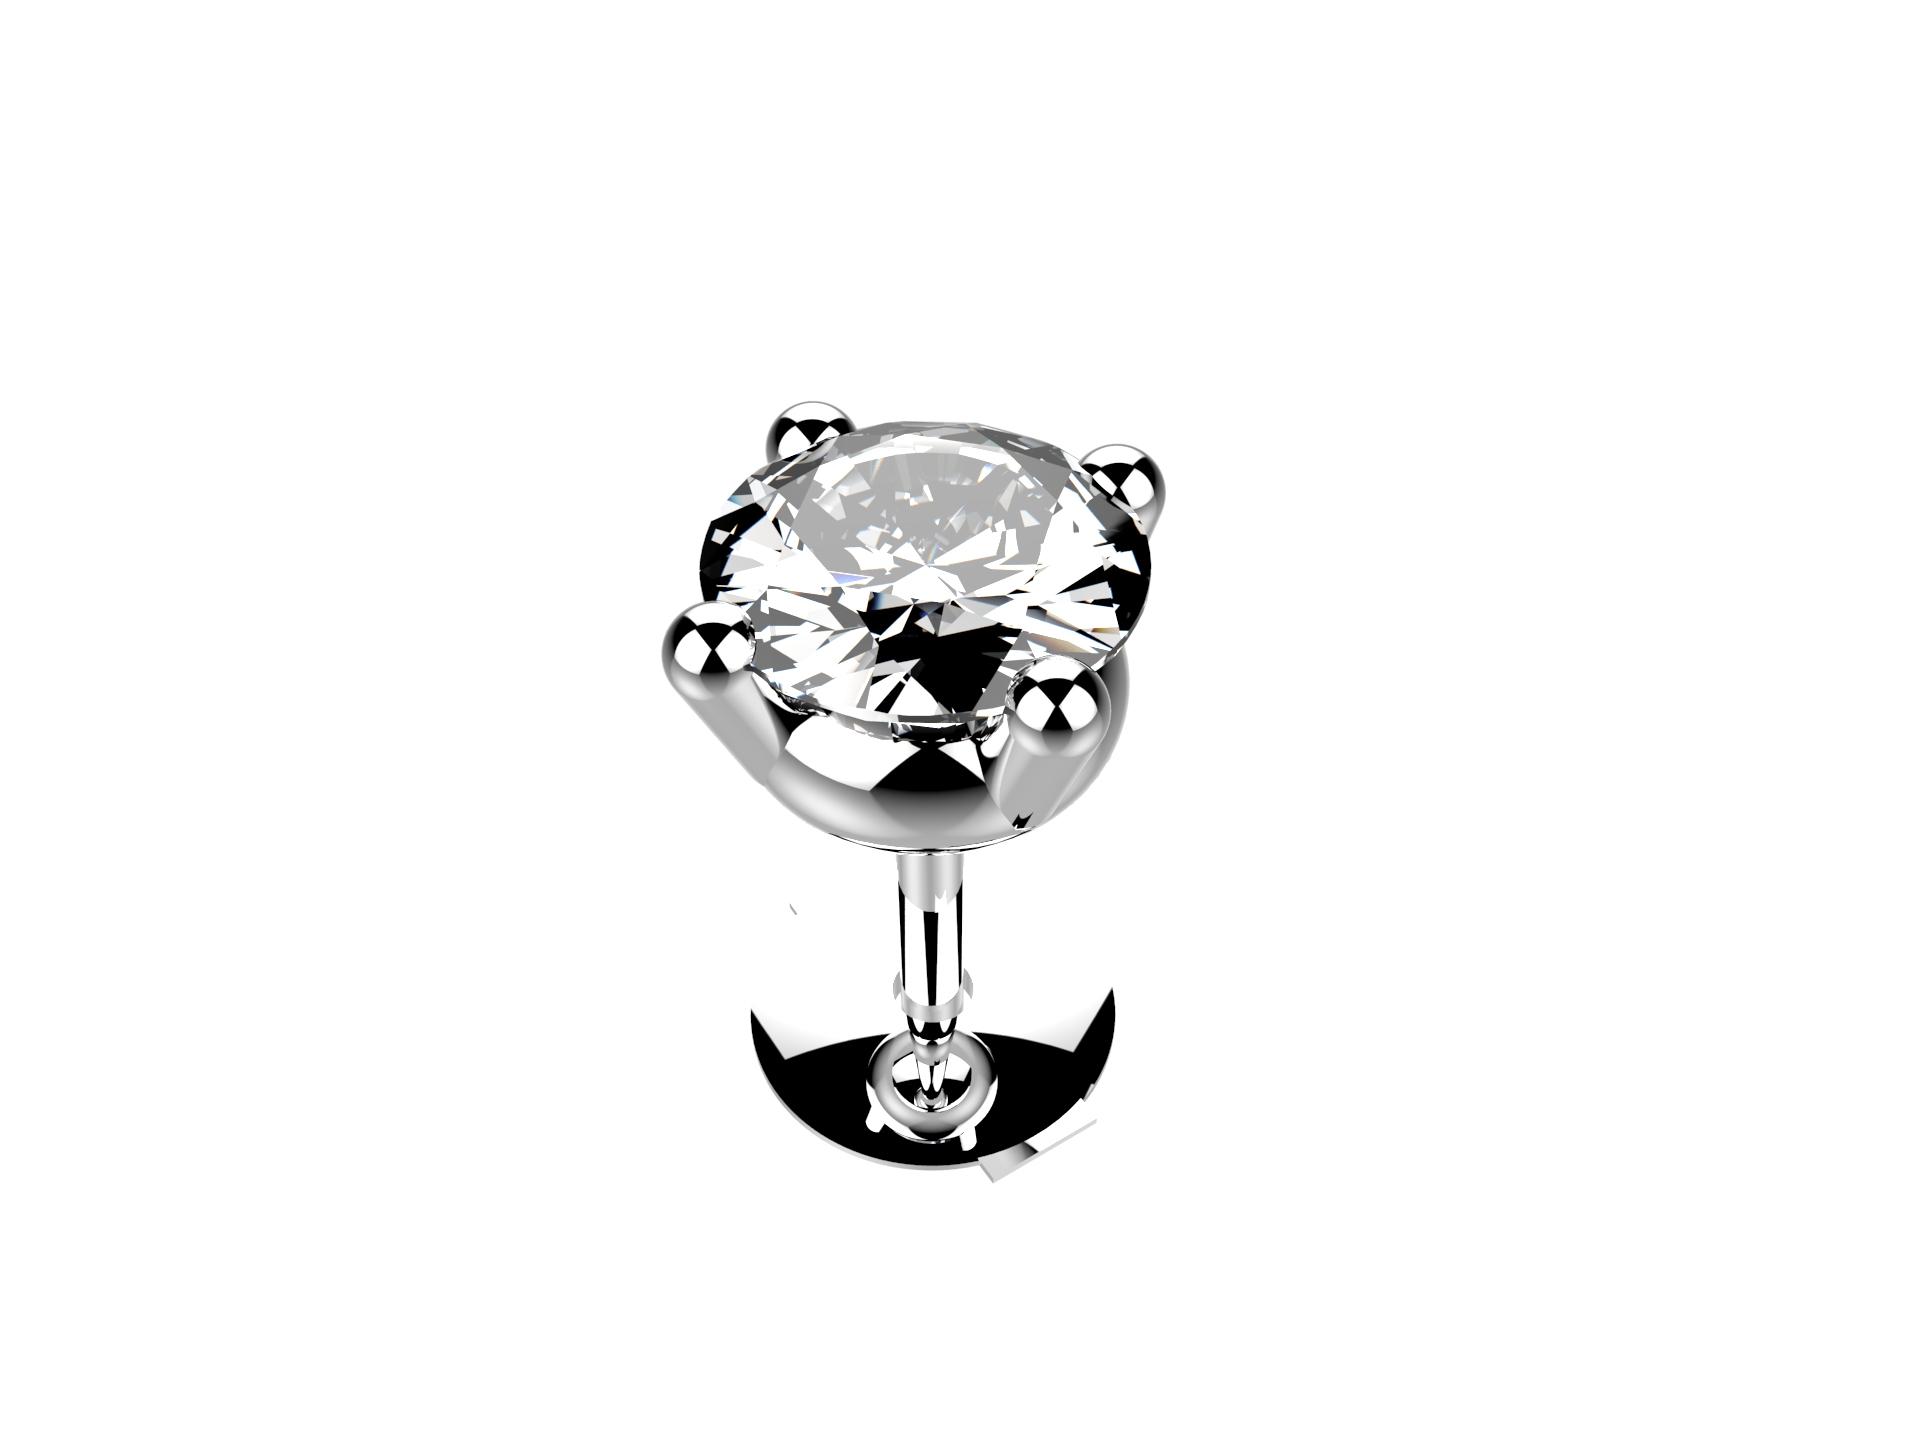 Boucle d'oreille diamant 4160 €